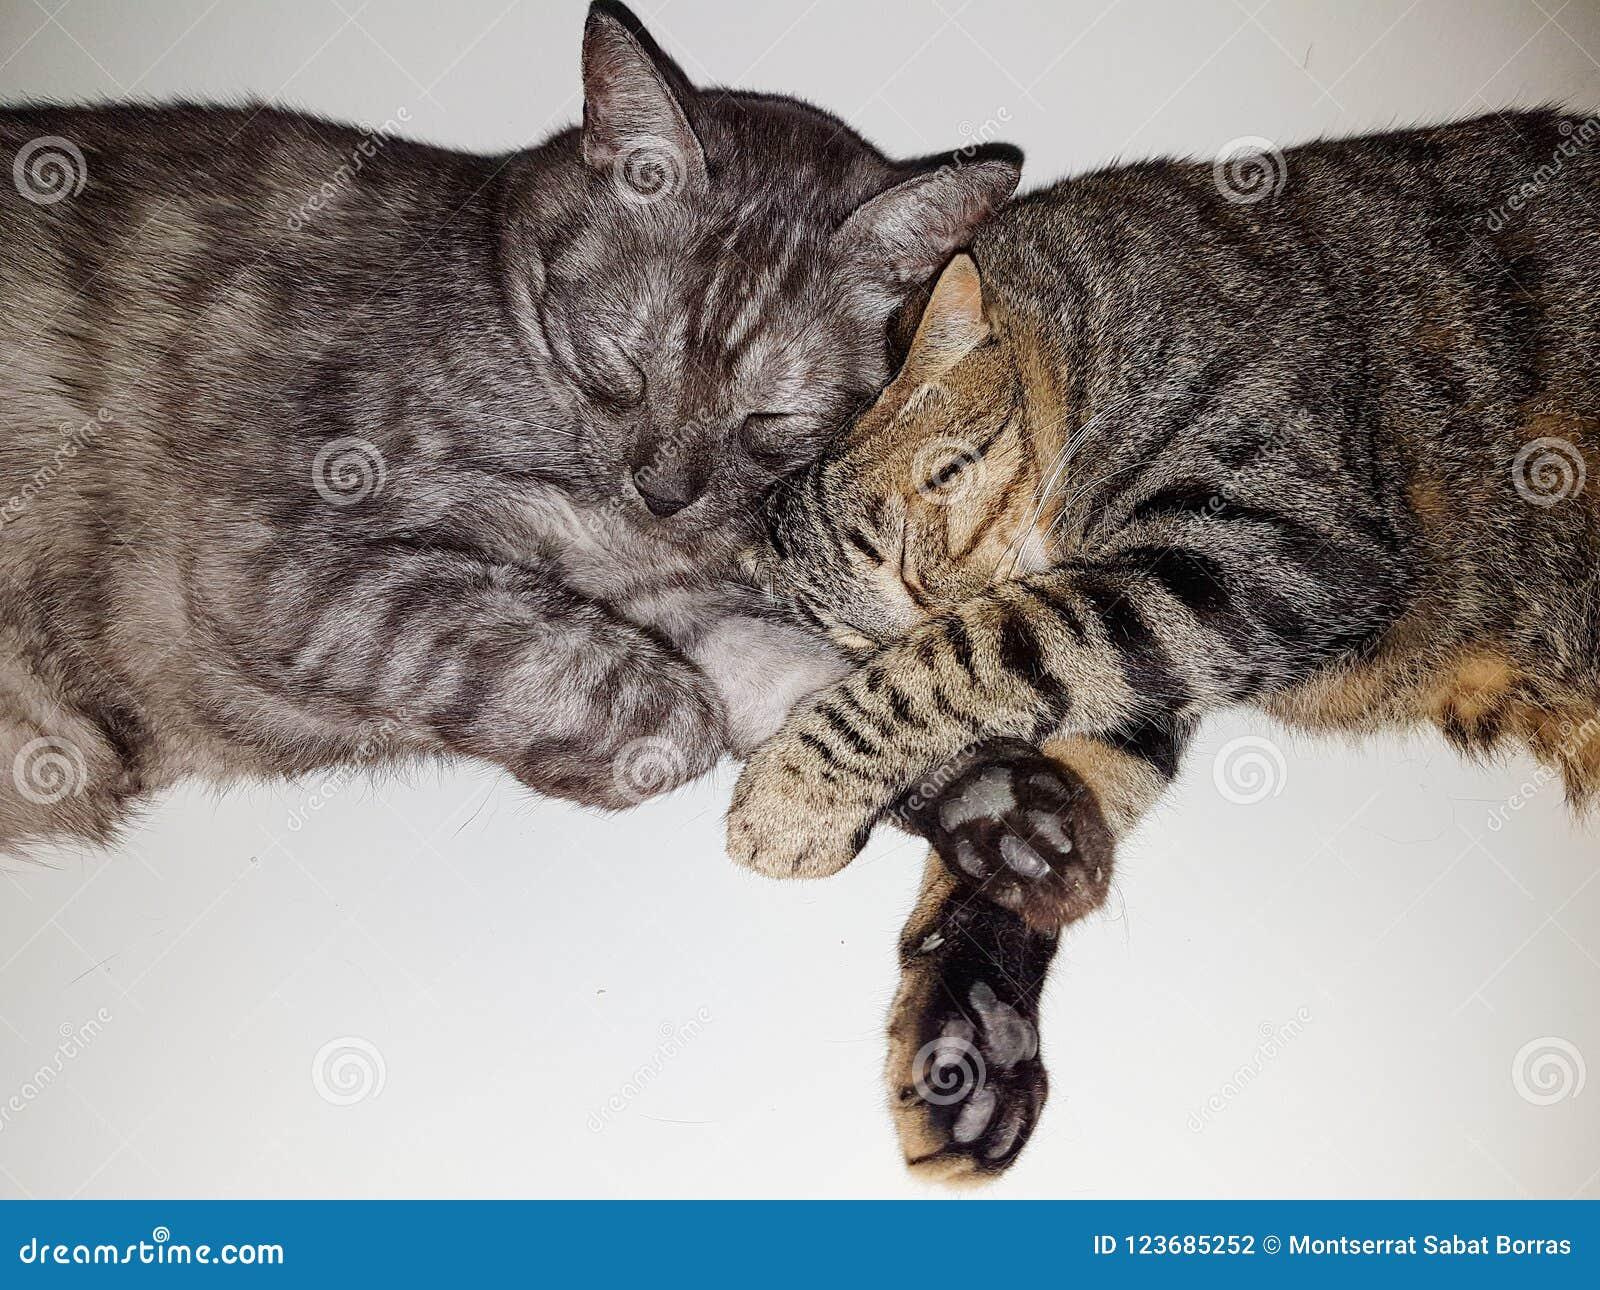 虎斑猫和另一龟甲睡觉